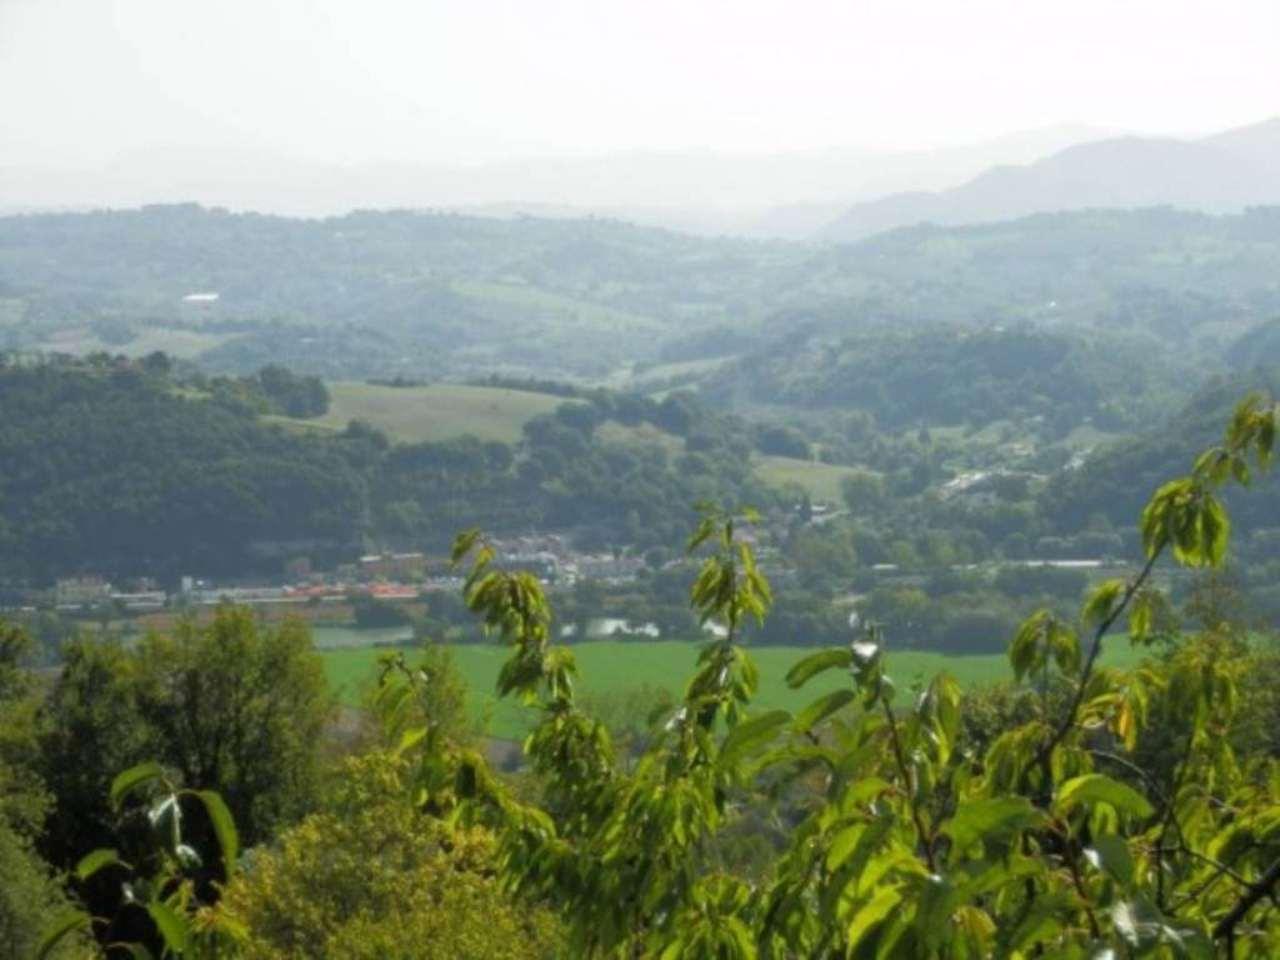 Terreno Edificabile Artigianale in vendita a Torrita Tiberina, 9999 locali, prezzo € 140.000 | CambioCasa.it